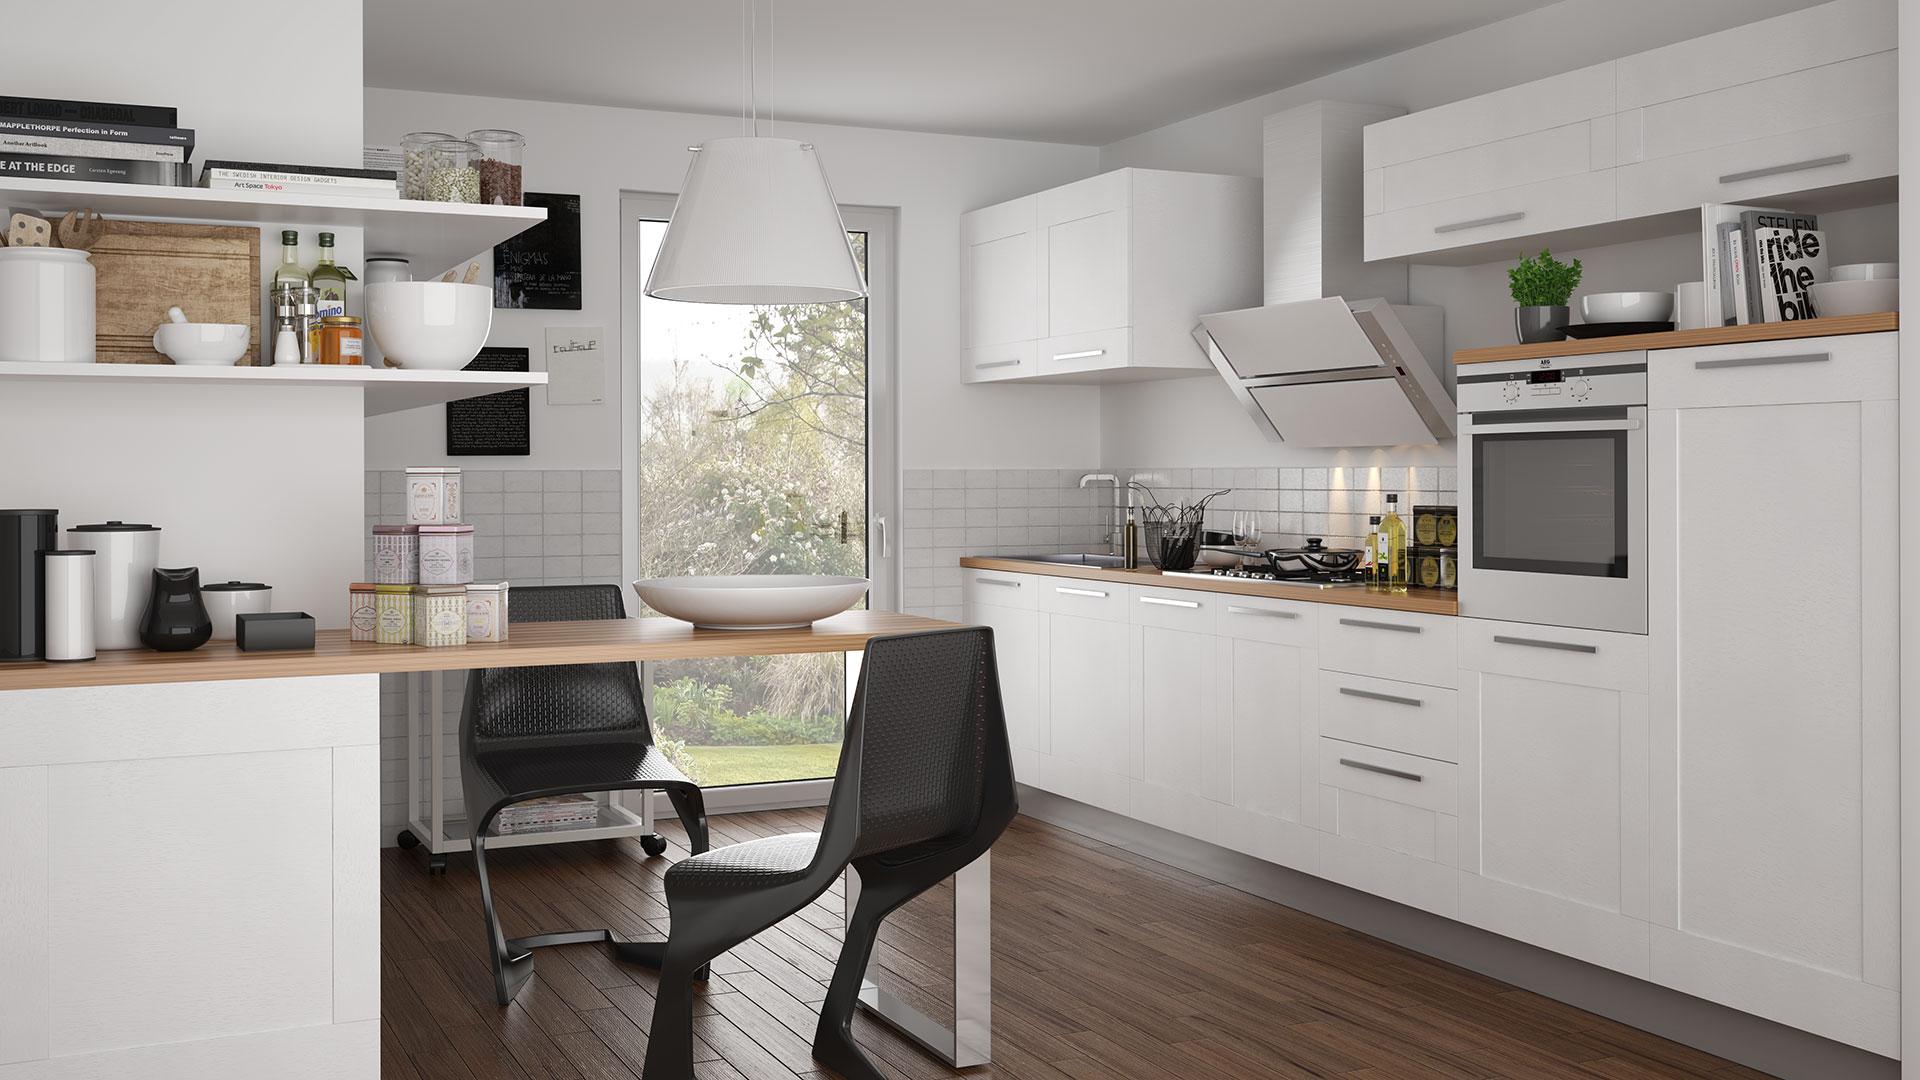 Rendering interni global cucina produzione video for Rendering 3d interni